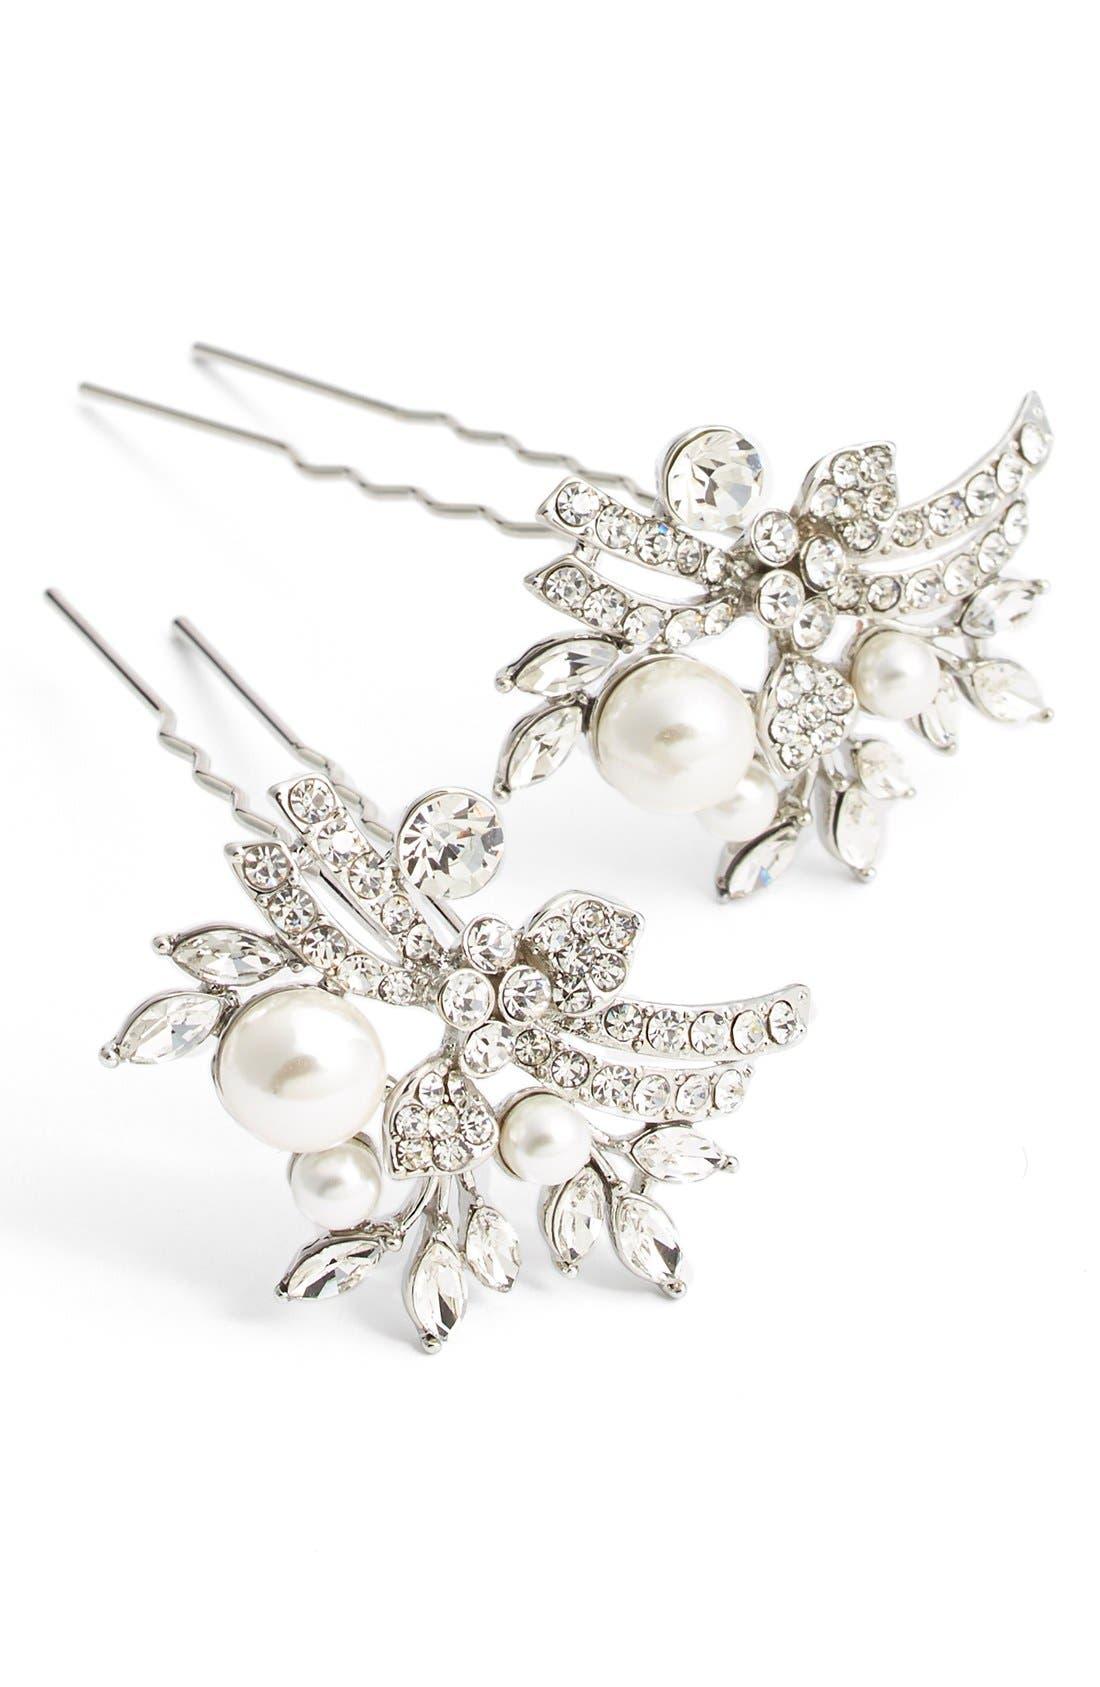 Main Image - Nina Pearly Crystal Hairpins (Set of 2)